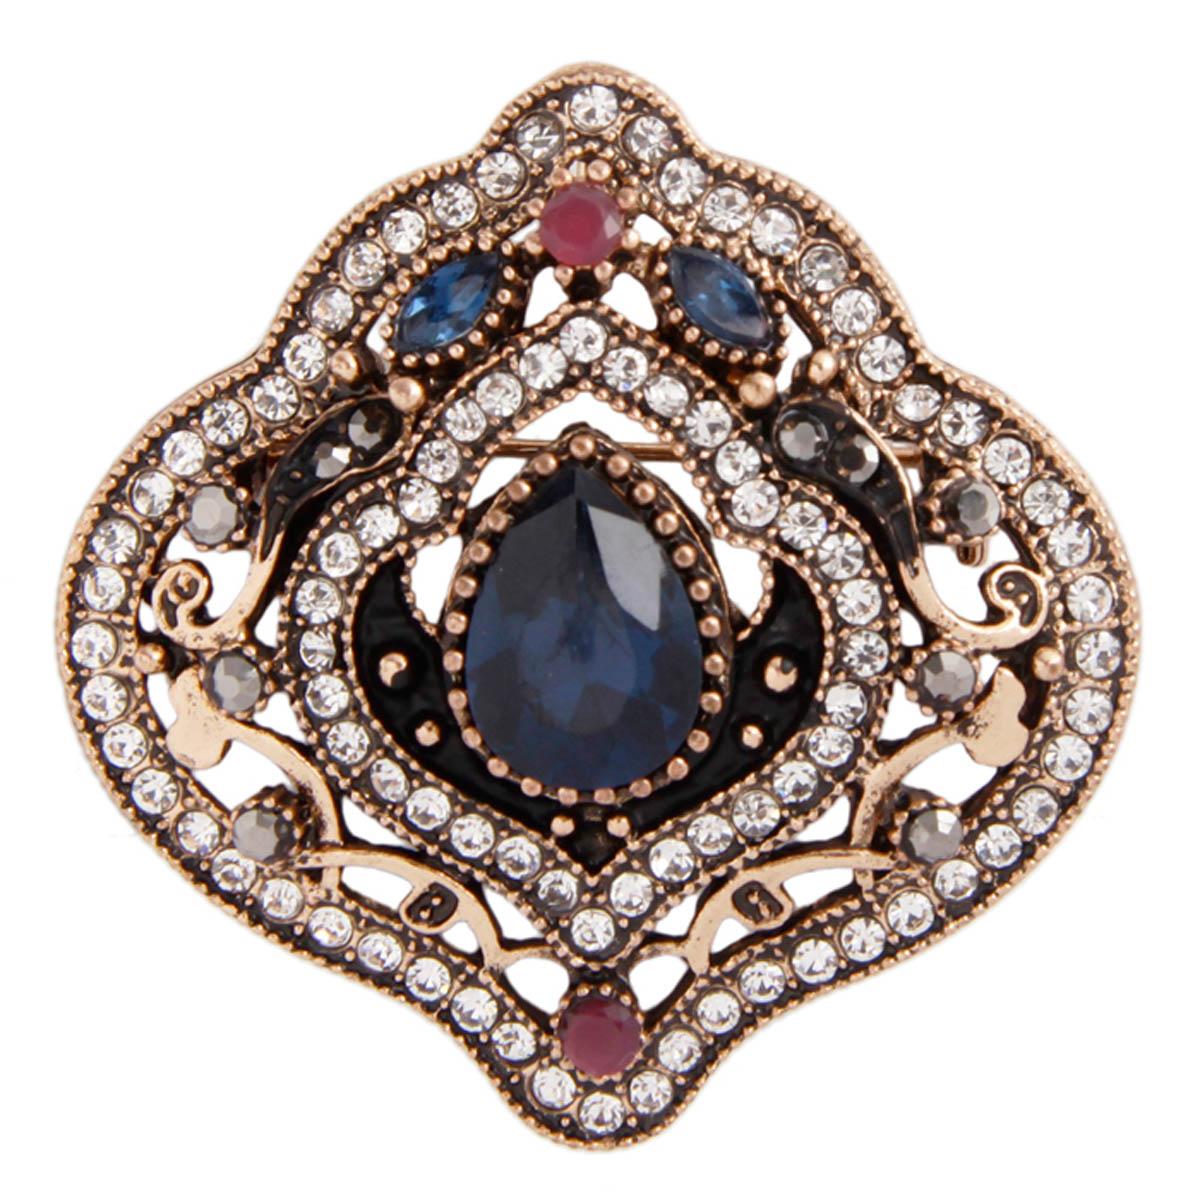 Брошь-подвеска Босфорские мотивы в византийском стиле. Бижутерный сплав, австрийские кристаллы, искусственные камни. Конец XX векаАжурная брошьБрошь-подвеска Босфорские мотивы. Бижутерный сплав, австрийские кристаллы, искусственные камни. Конец ХХ века. Размер 4,5 х 4,5 см. Сохранность хорошая. Предмет не был в использовании. Имеется ушко для подвешивания. Изящное украшение выполнено в ярко выраженном византийском стиле. Брошь украшена целой россыпью австрийских страз, инкрустированы имитацией драгоценных камней. Представленное вашему вниманию изделие отличается высоким уровнем мастерства исполнения, оригинальным авторским дизайном. Этот аксессуар станет изысканным украшением для романтичной и творческой натуры и гармонично дополнит Ваш наряд, станет завершающим штрихом в создании образа.